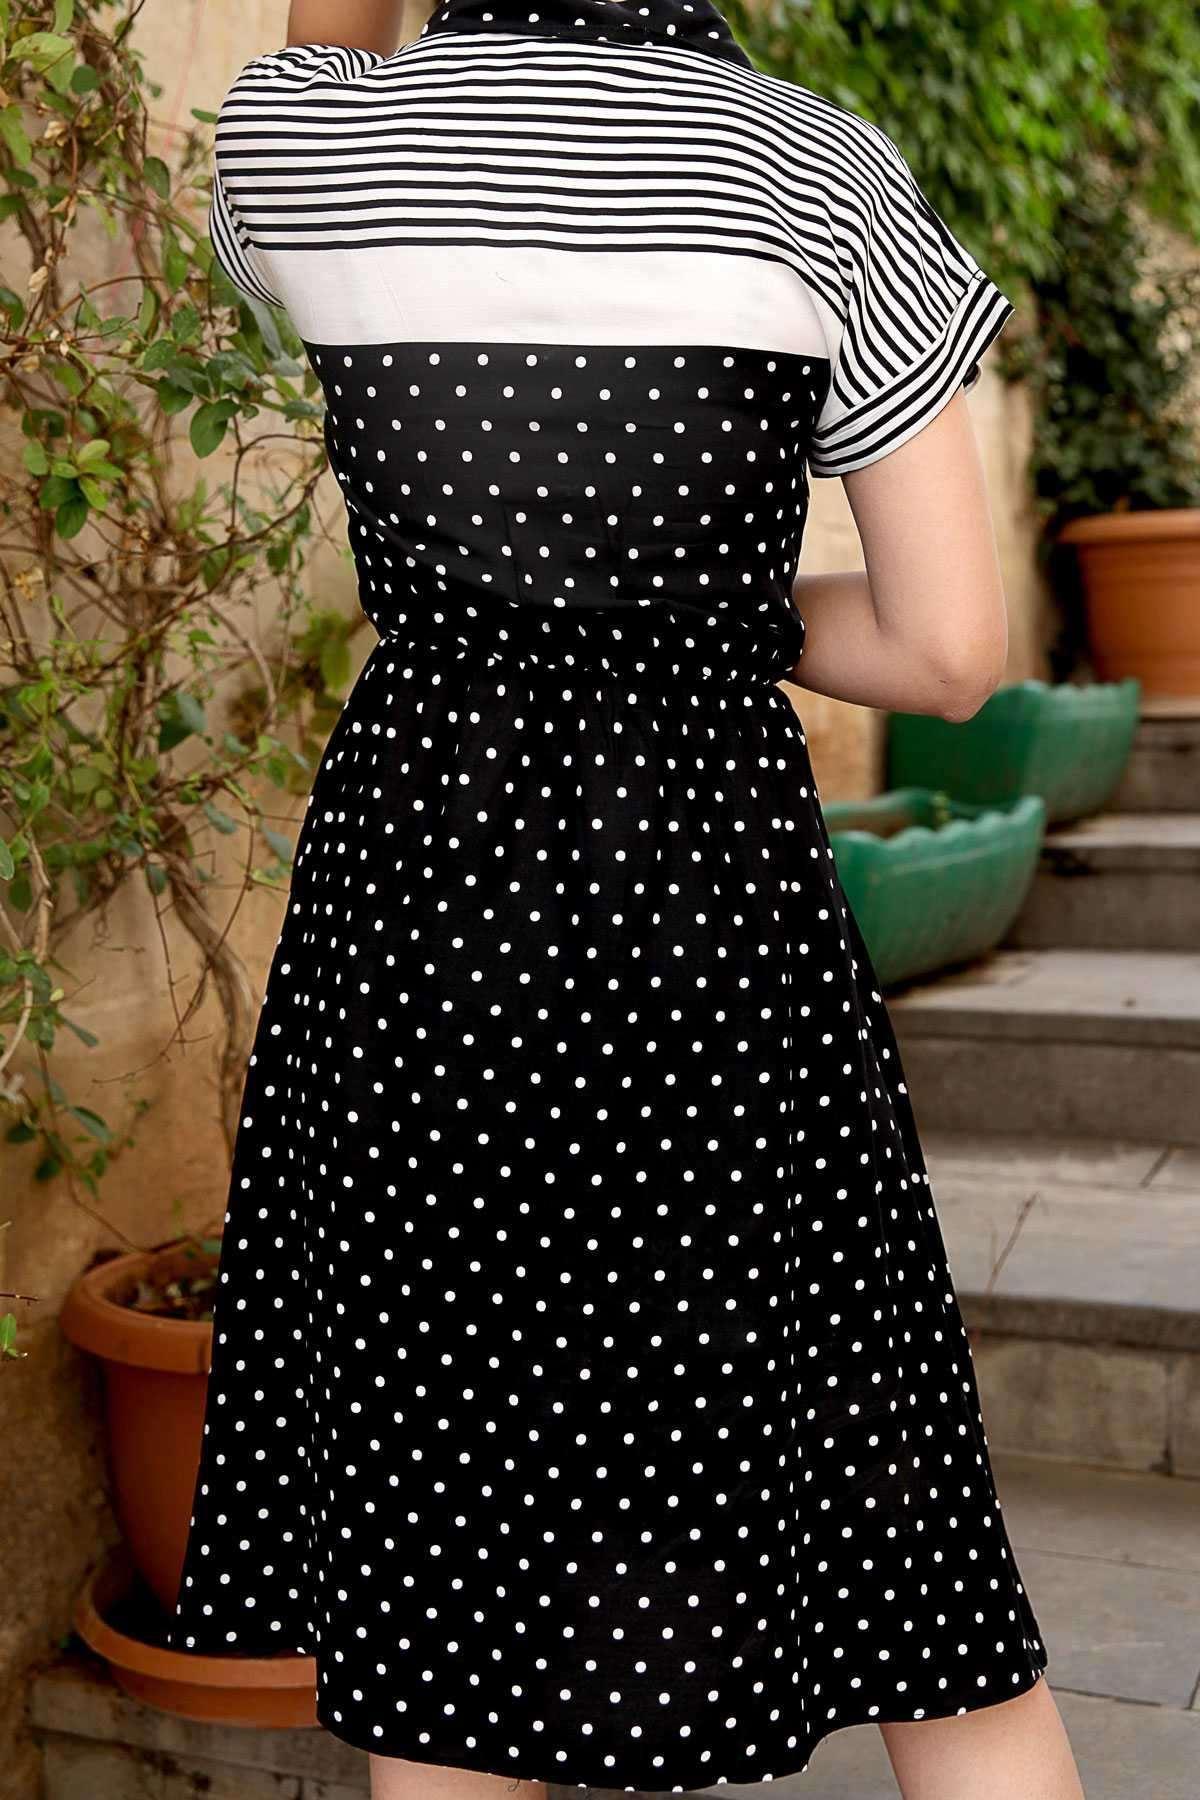 Yakası Ve Altı Puanlı Omuzları Çizgili Beli Büzmeli Elbise Siyah-Beyaz